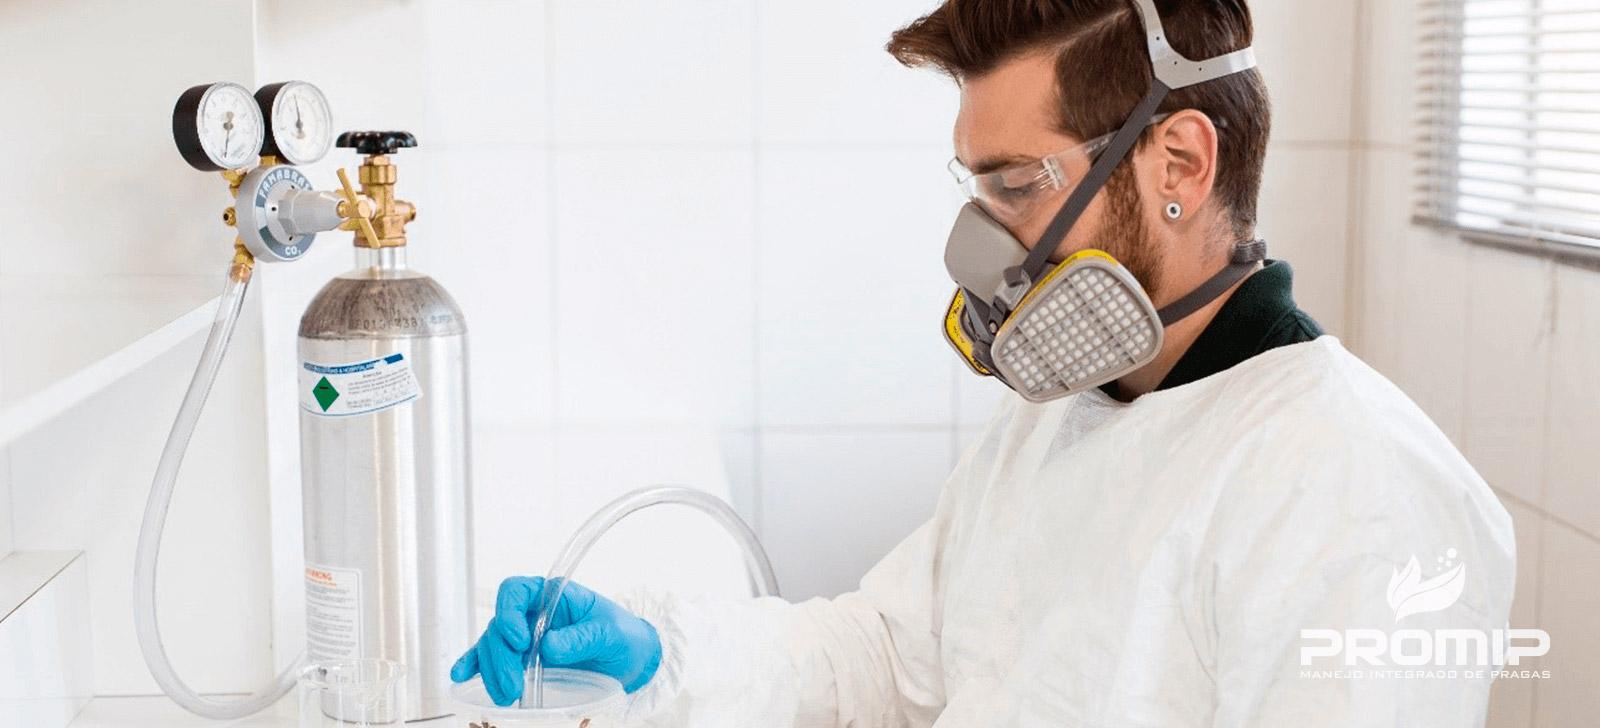 promip manejo integrado de pragas controle biologico resistencia de pragas a Inseticidas o mip unica saida para vitar esse problema 1